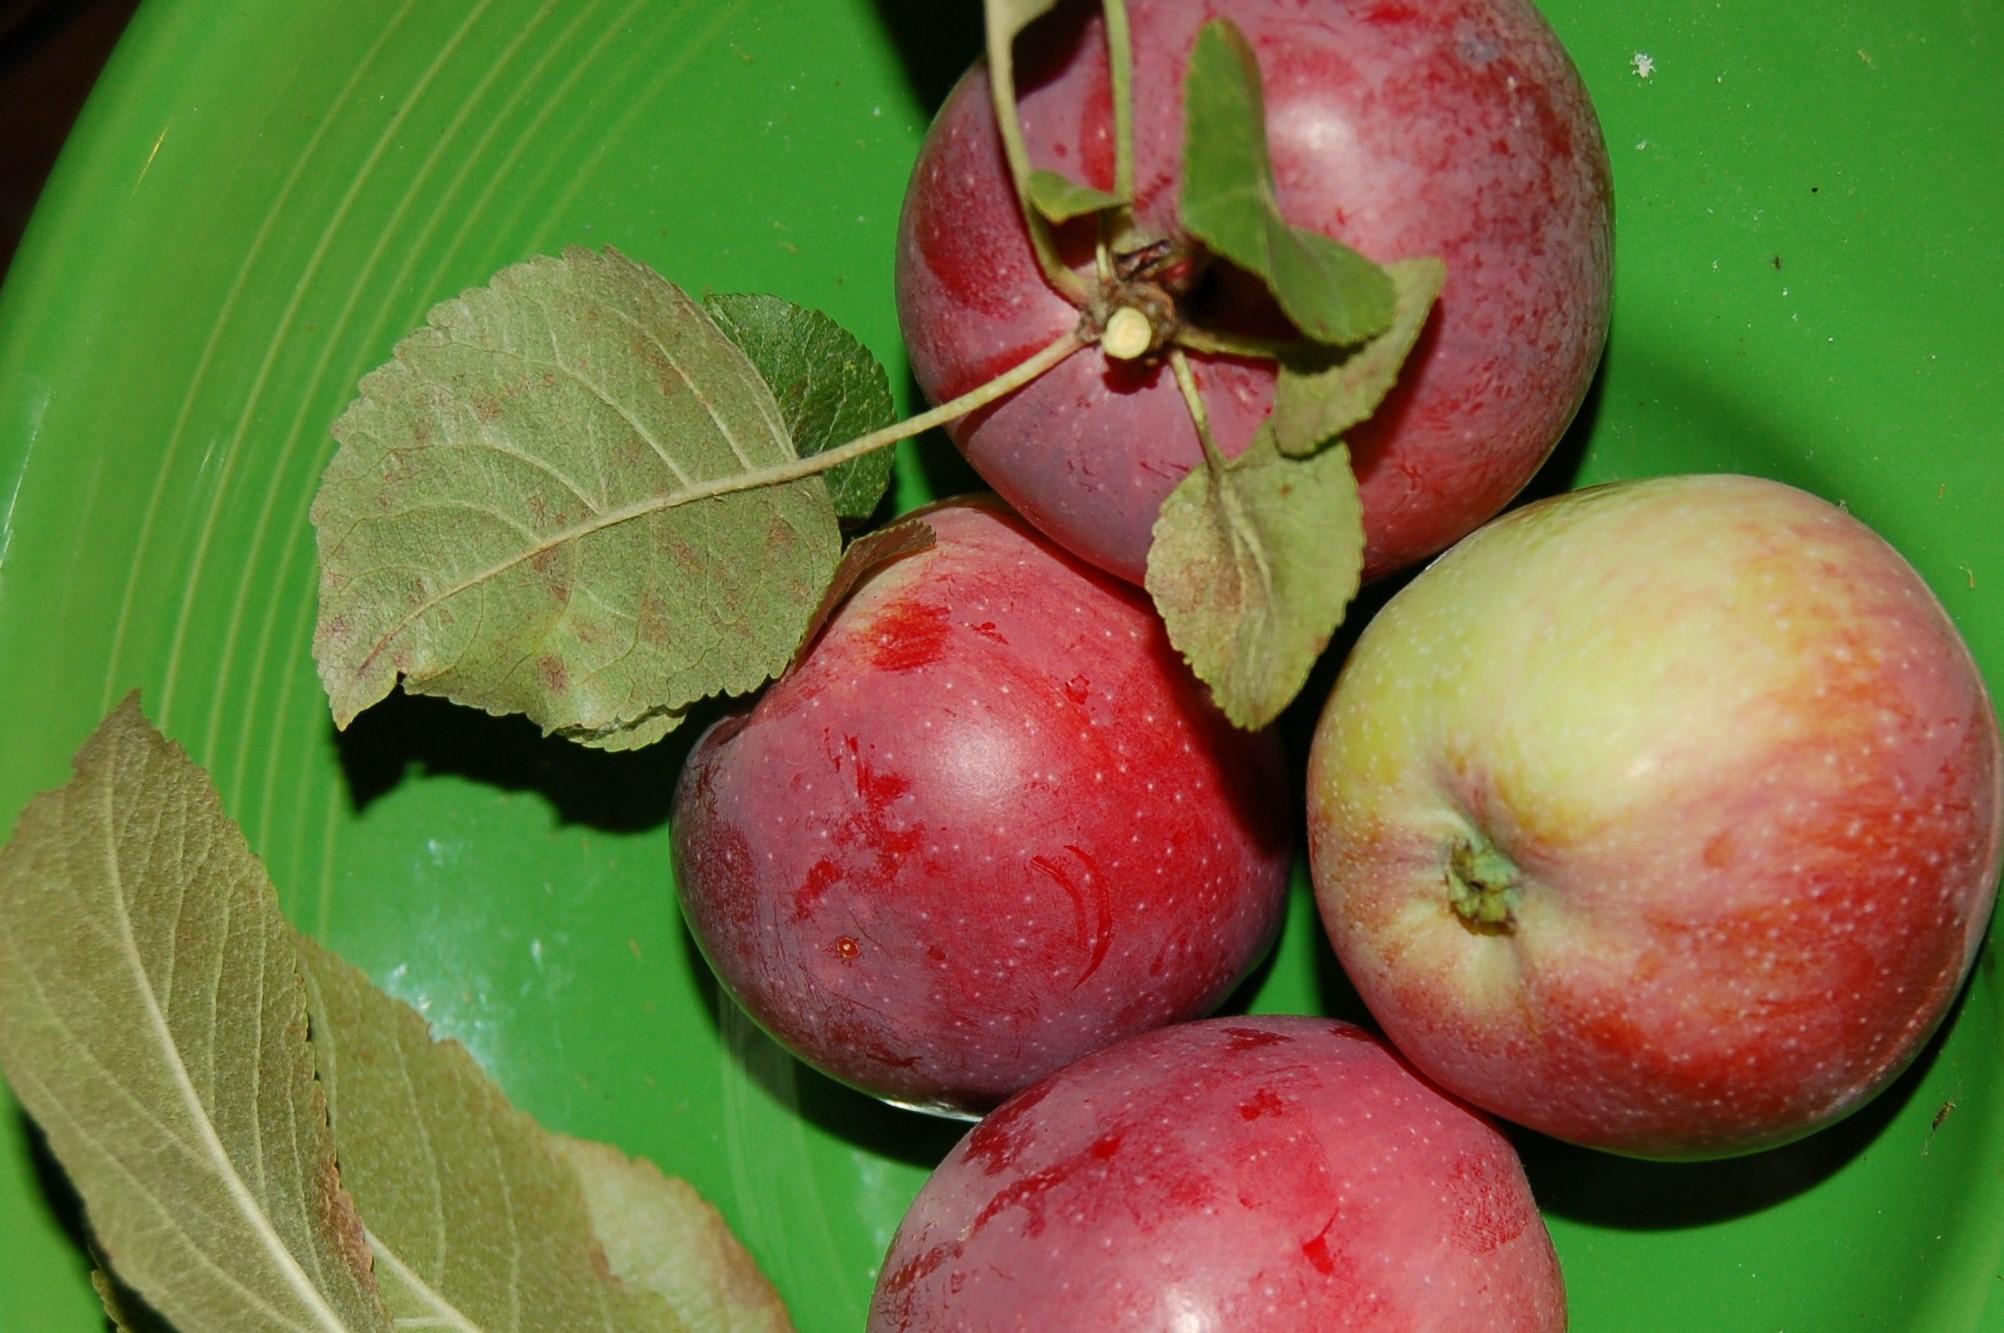 Tasty little red apples